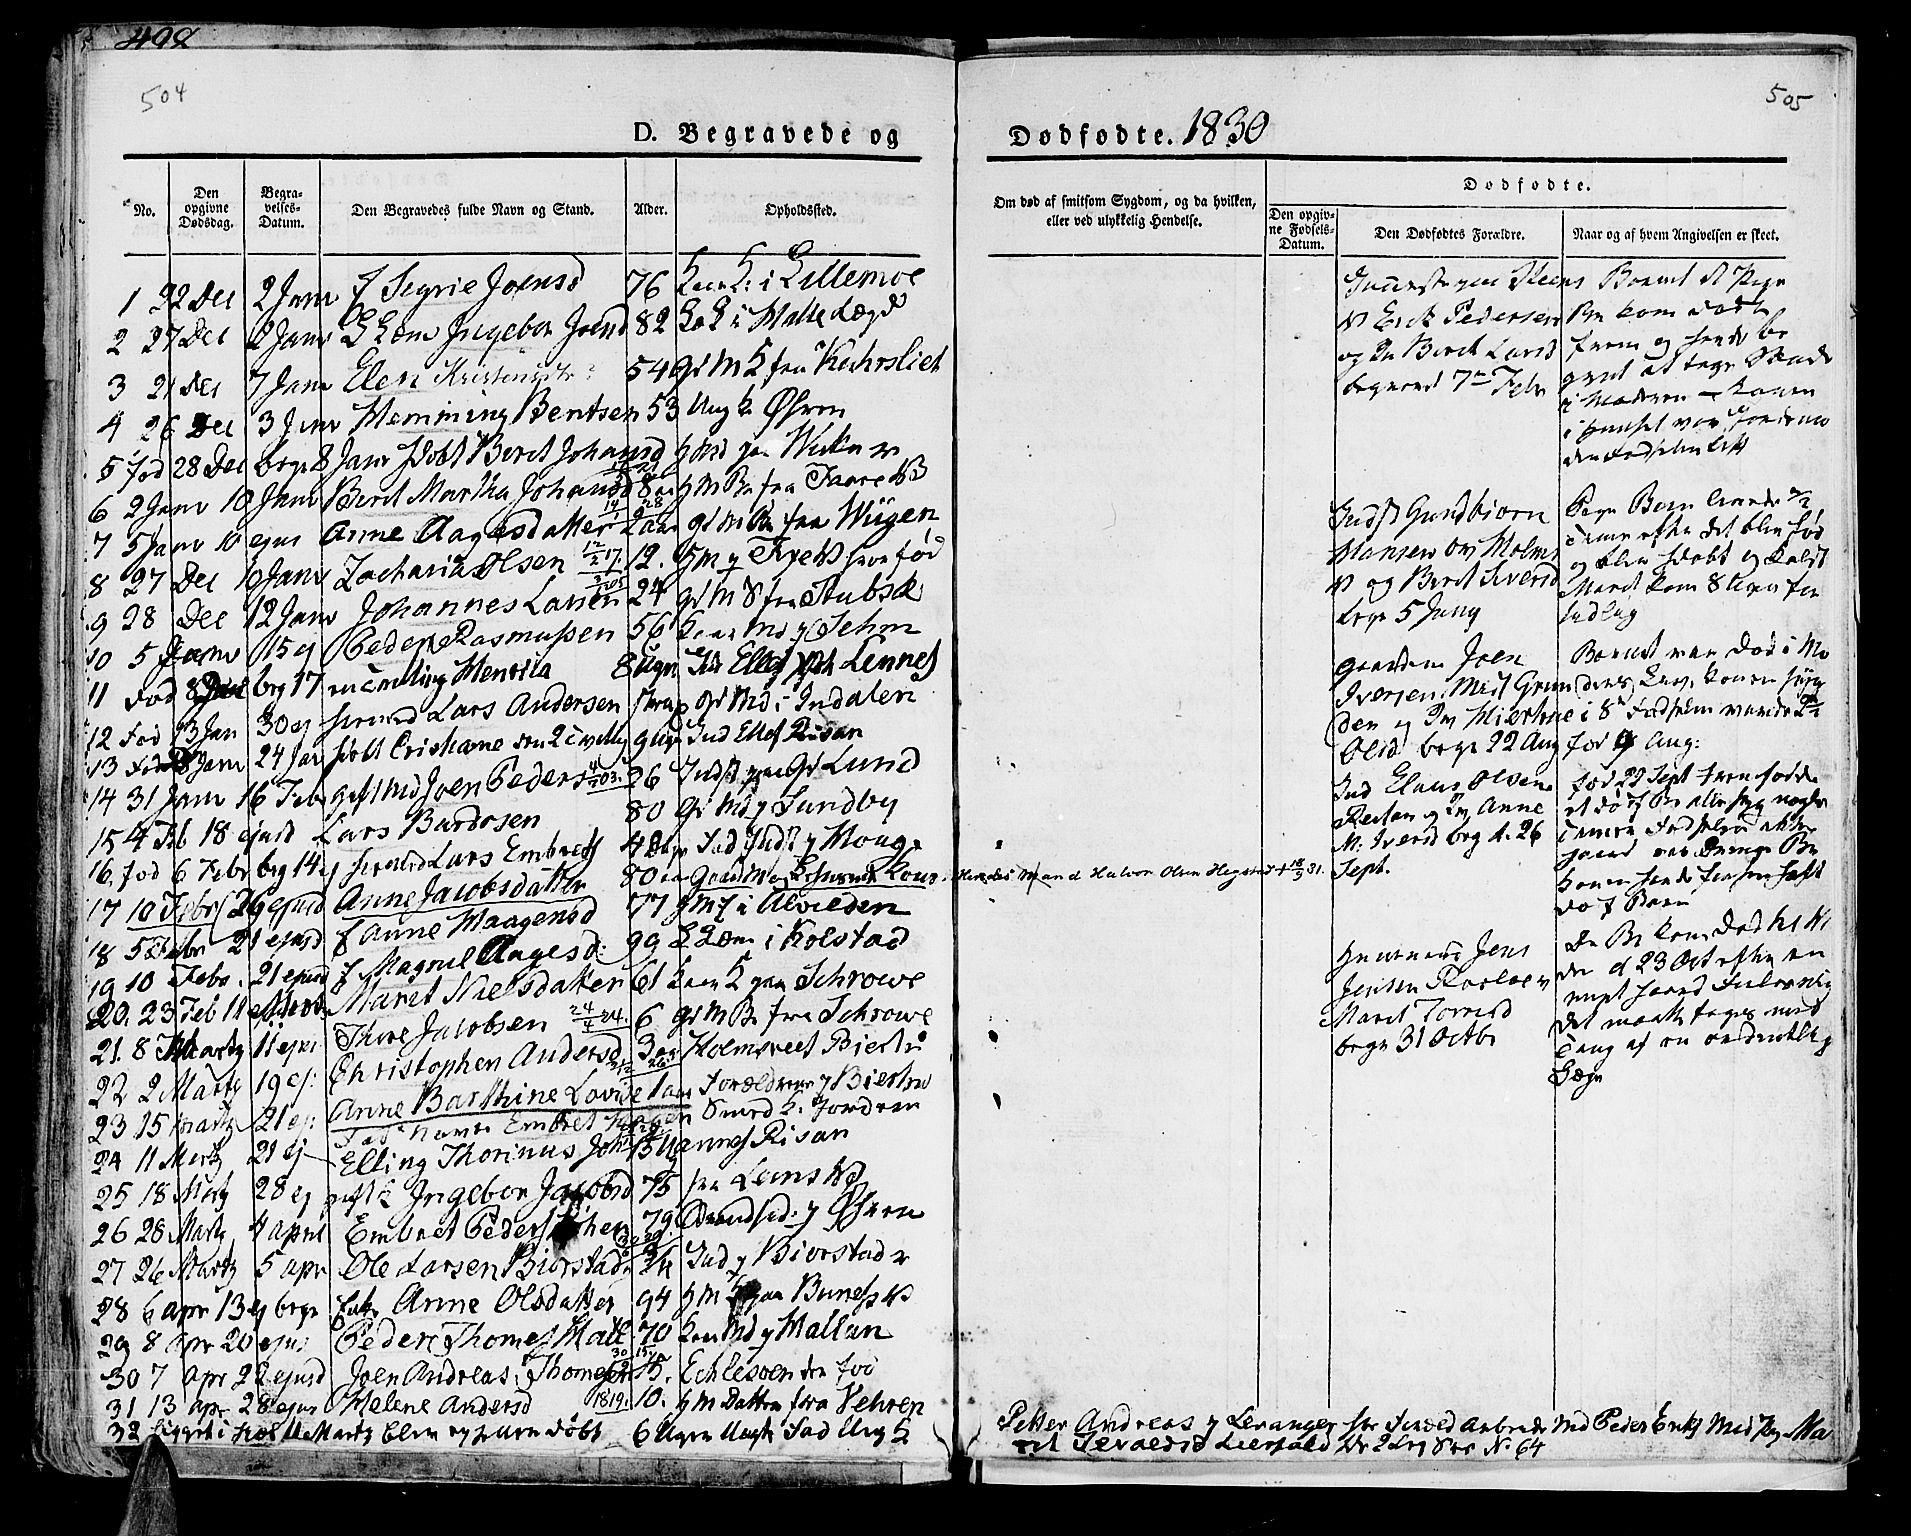 SAT, Ministerialprotokoller, klokkerbøker og fødselsregistre - Nord-Trøndelag, 723/L0237: Ministerialbok nr. 723A06, 1822-1830, s. 504-505